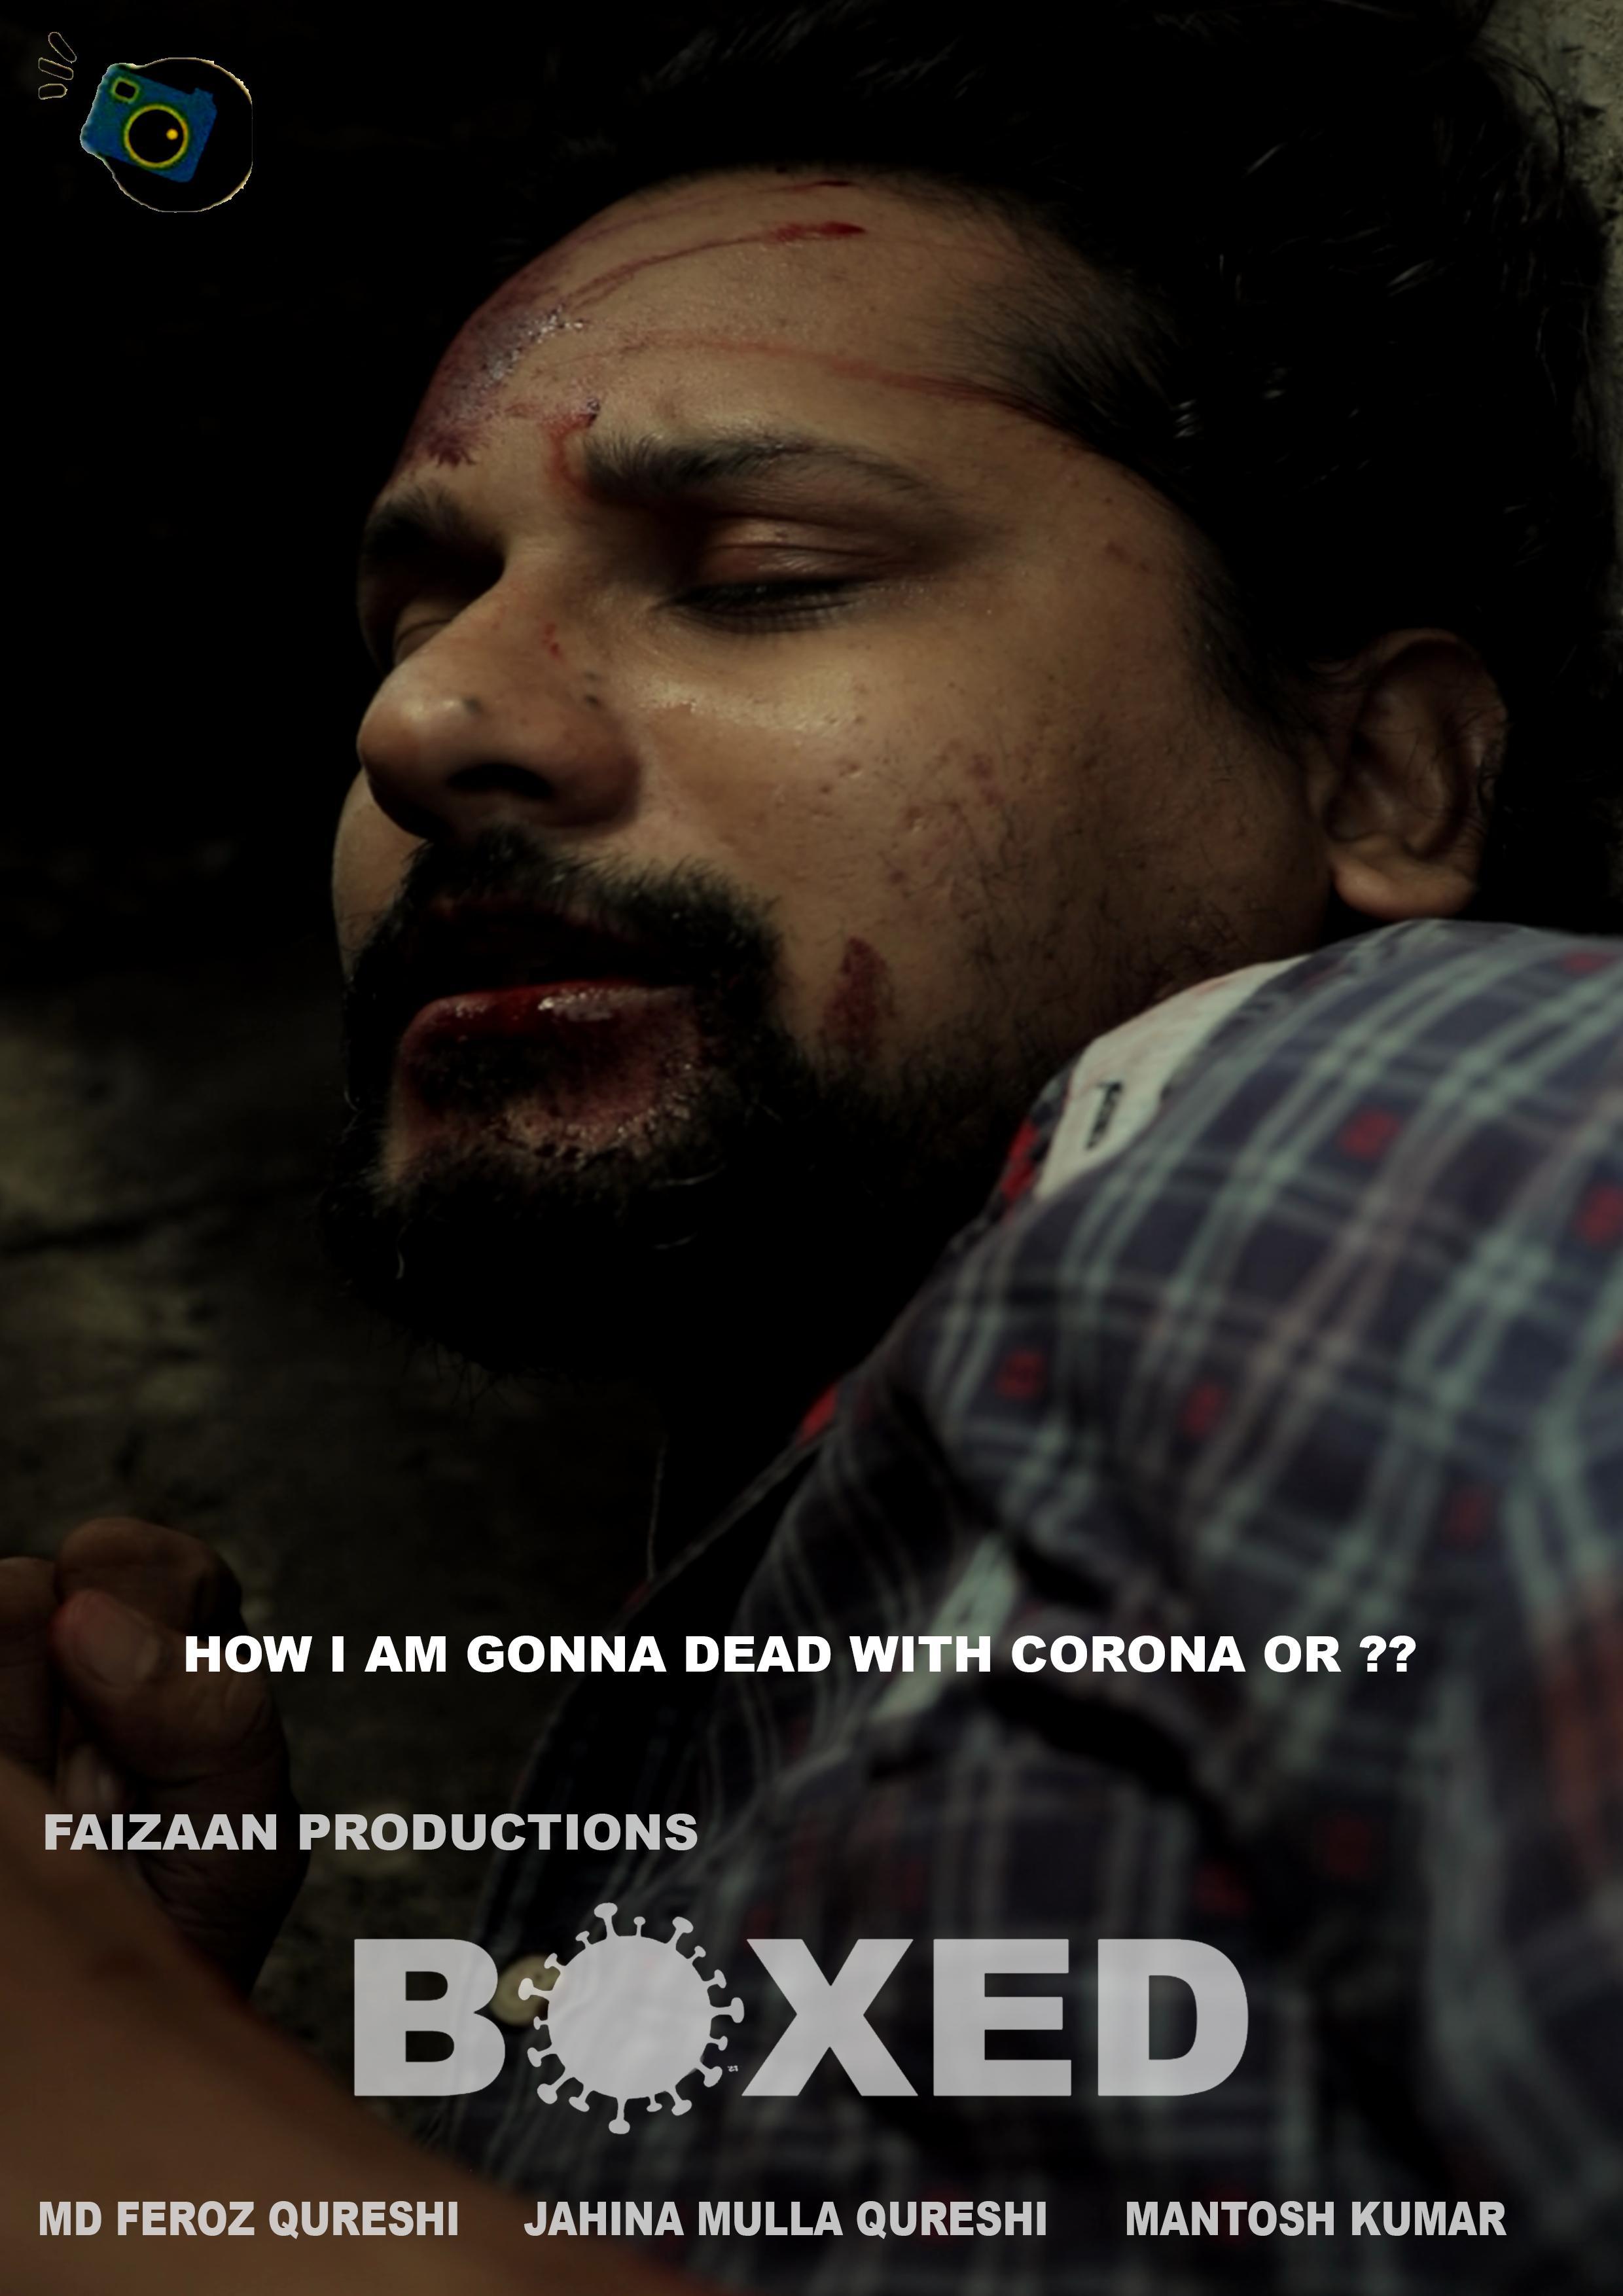 Boxed (2021) Hindi 720p | 480p WEB-DL x264 AAC